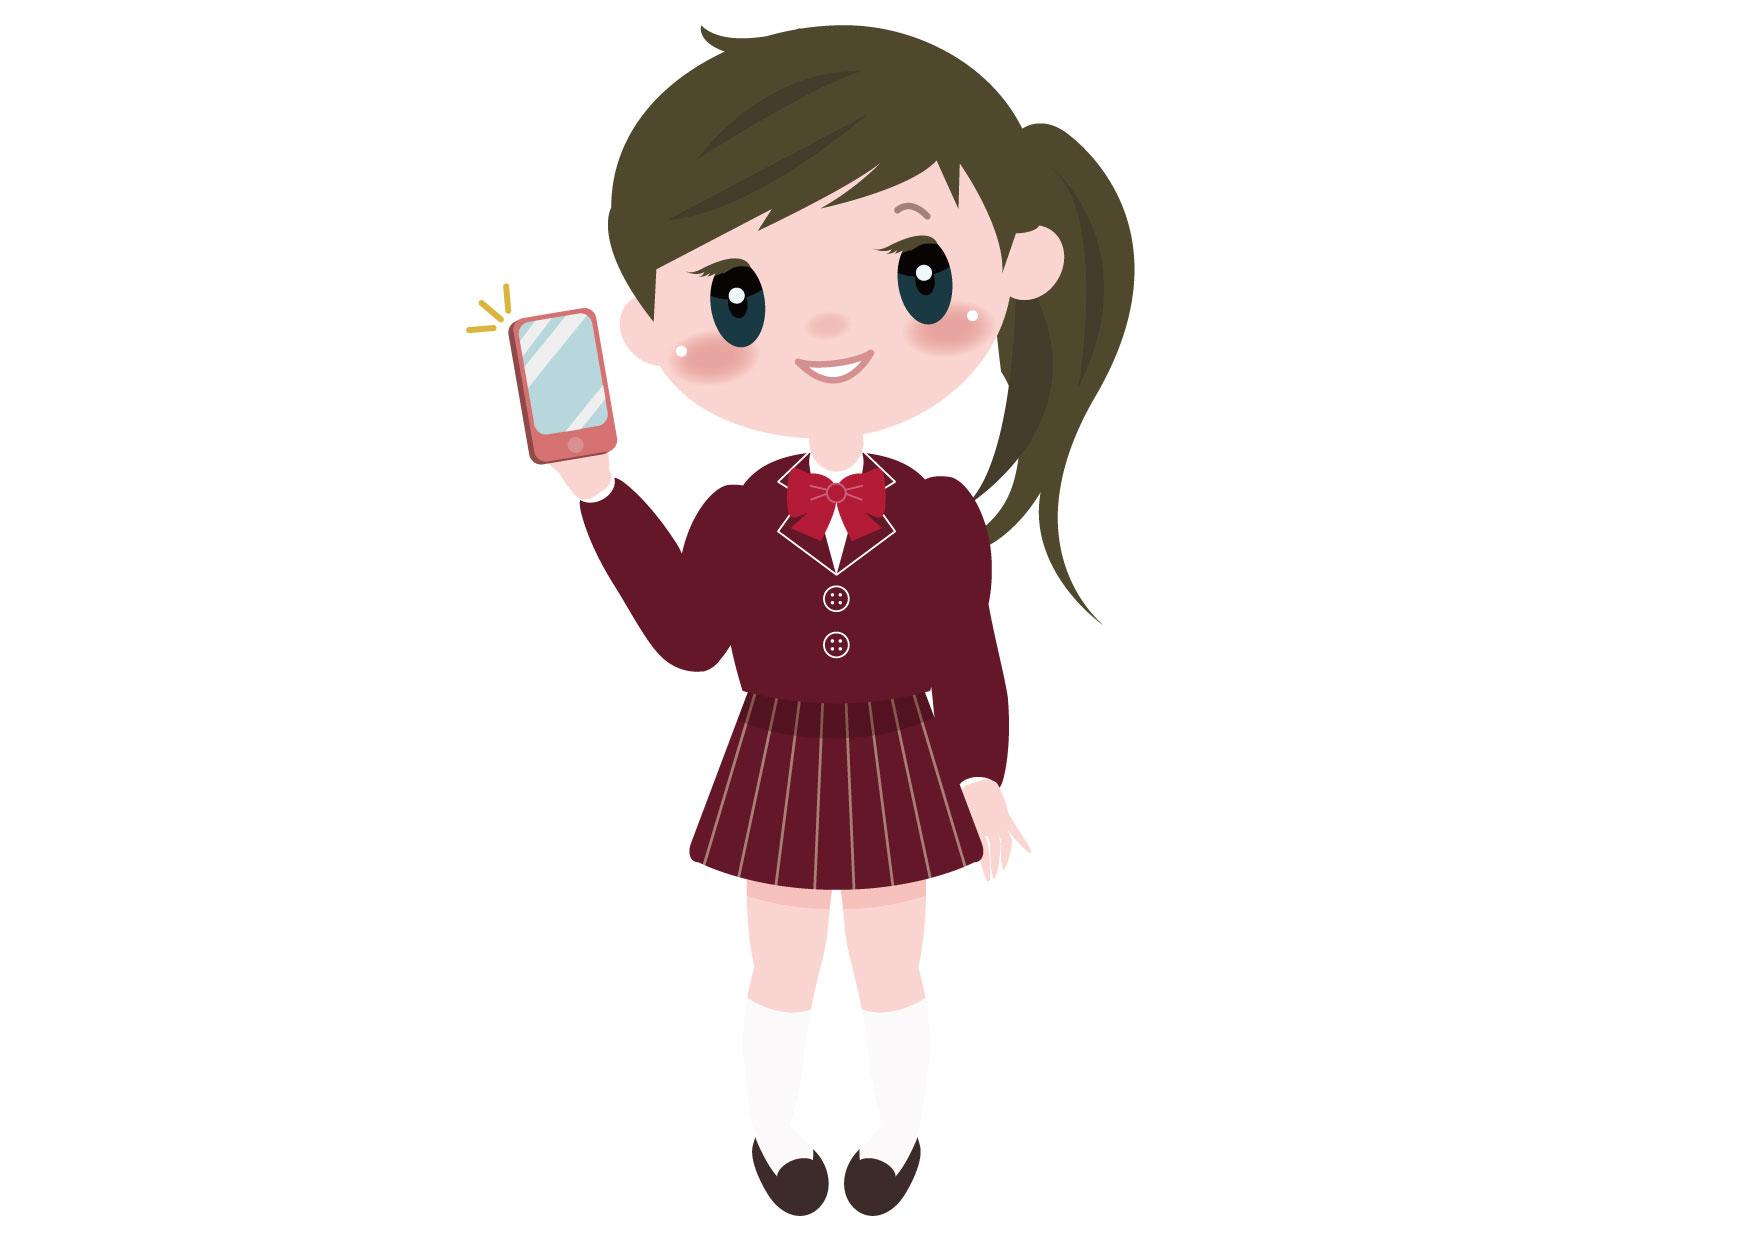 可愛いイラスト無料|学生 女の子 全身 スマートフォン − free illustration Student girl full body smartphone